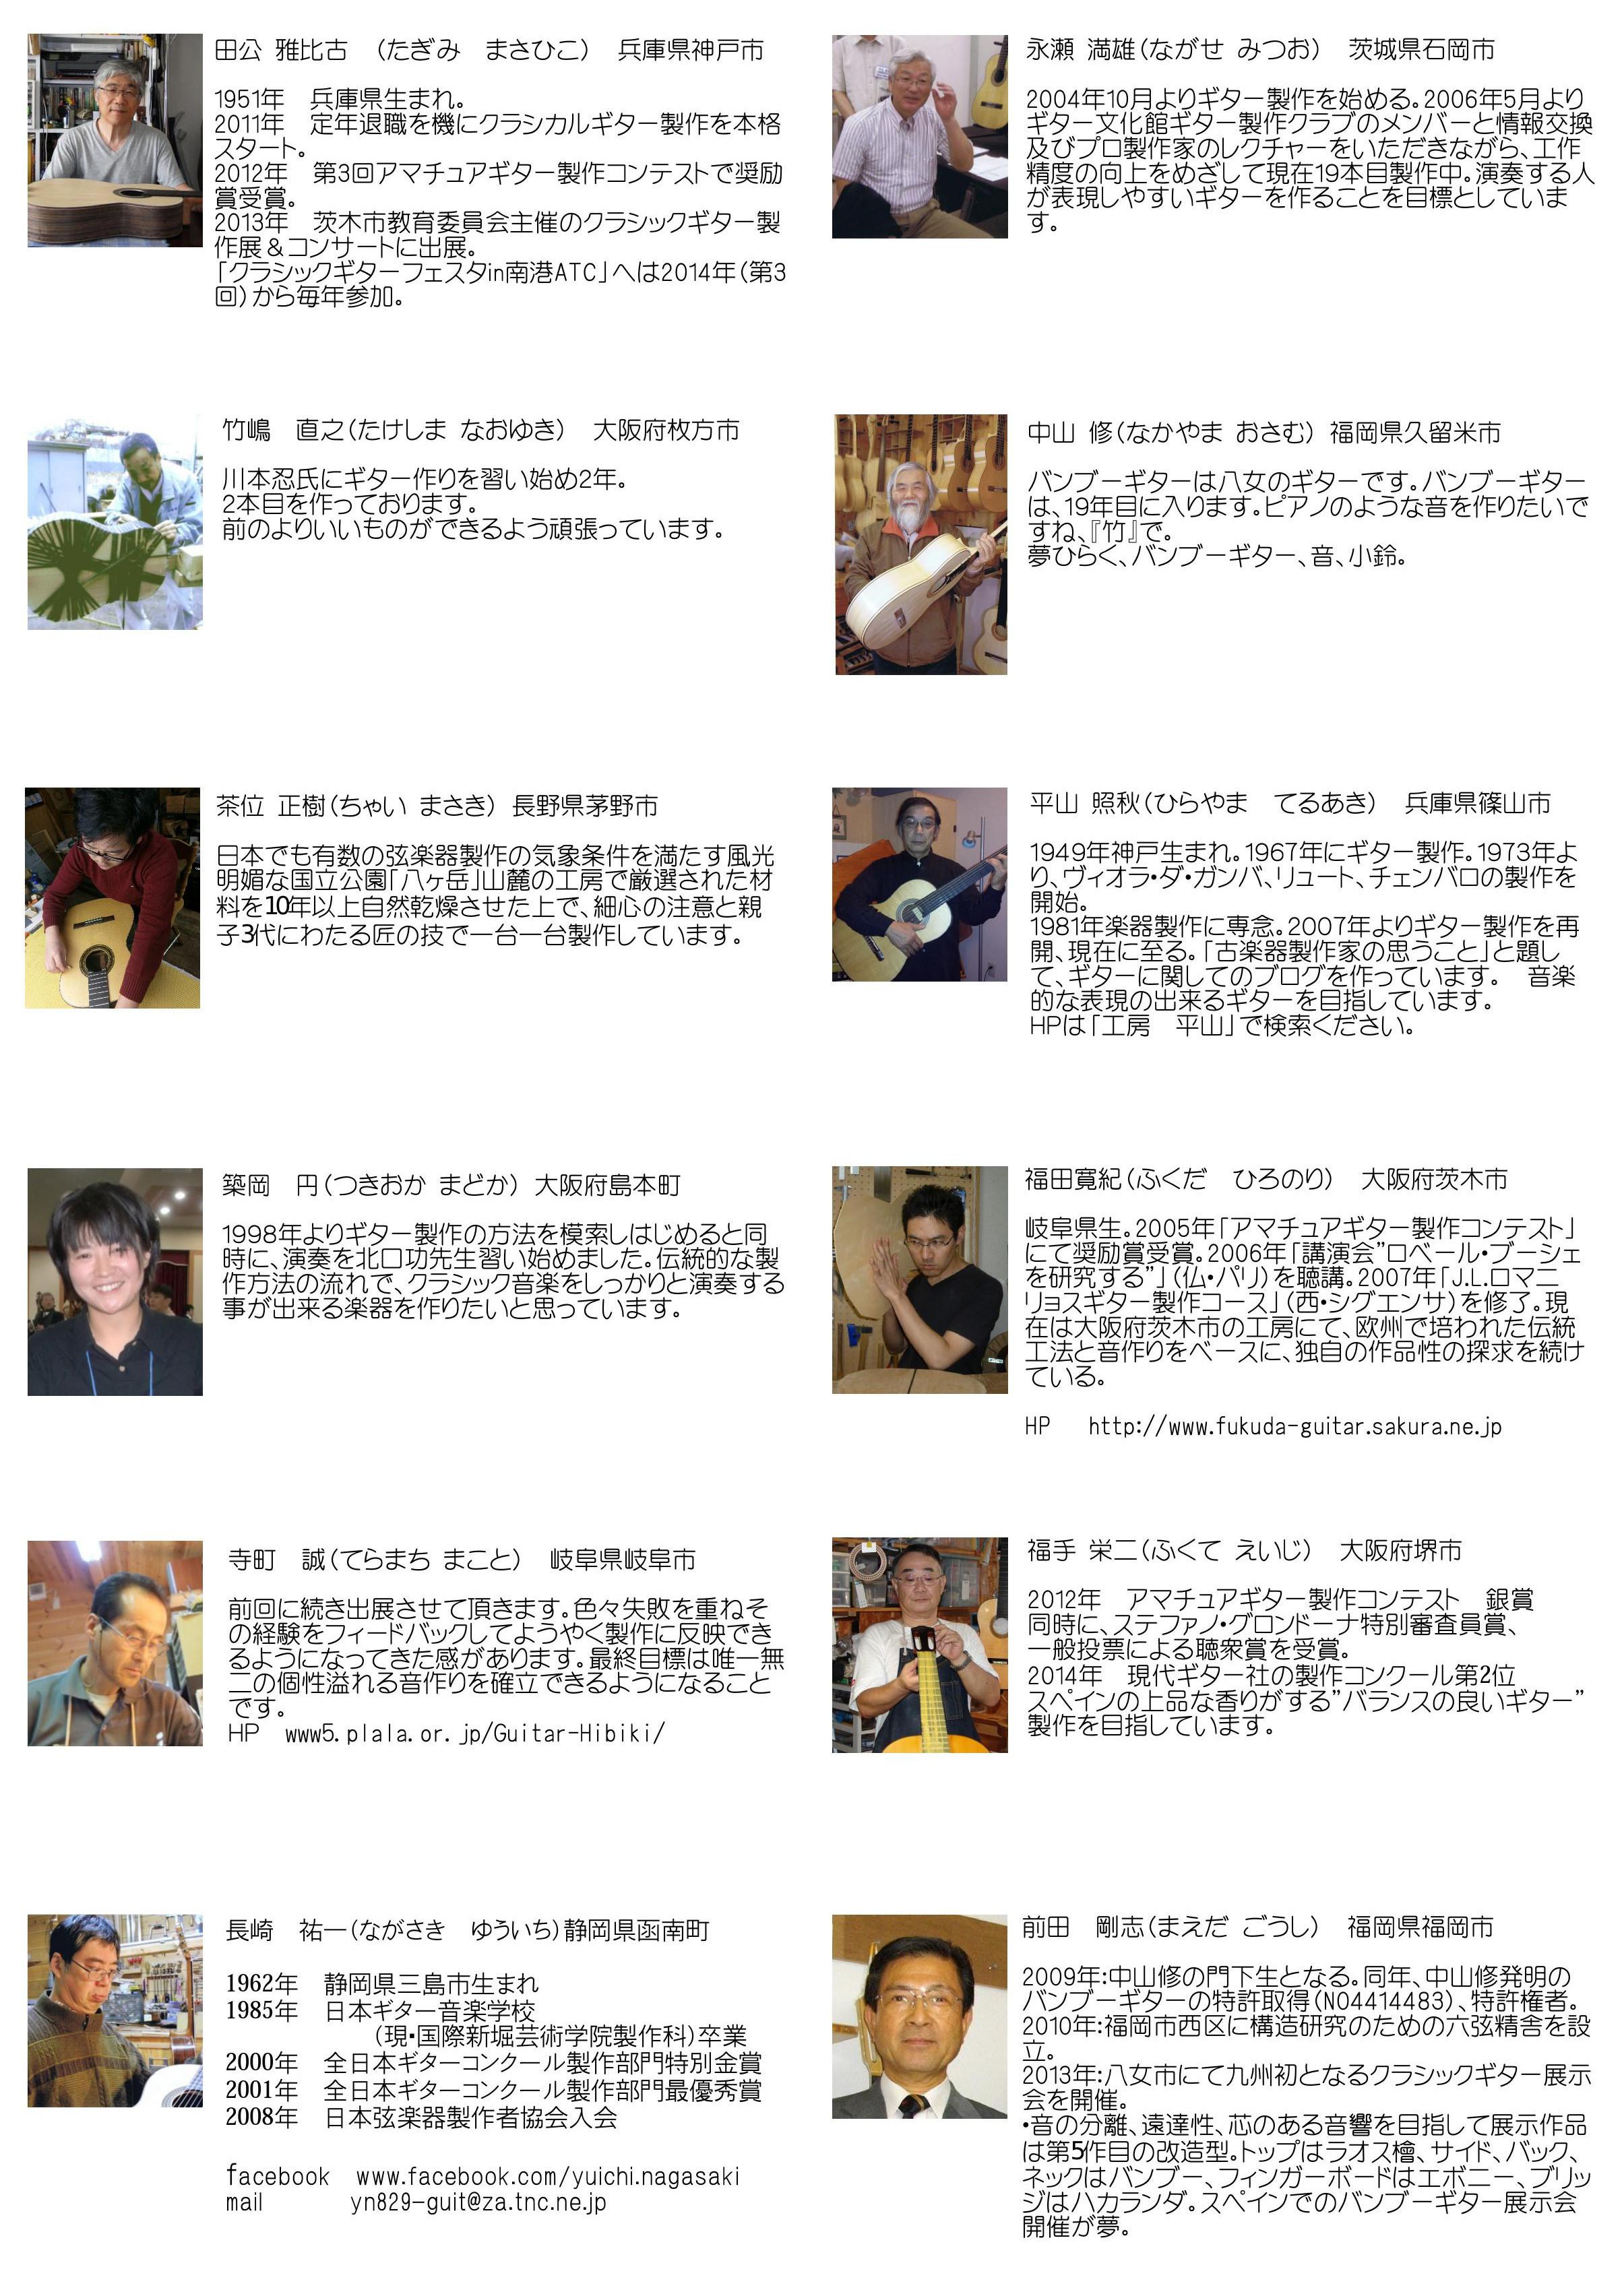 uchi2.jpg